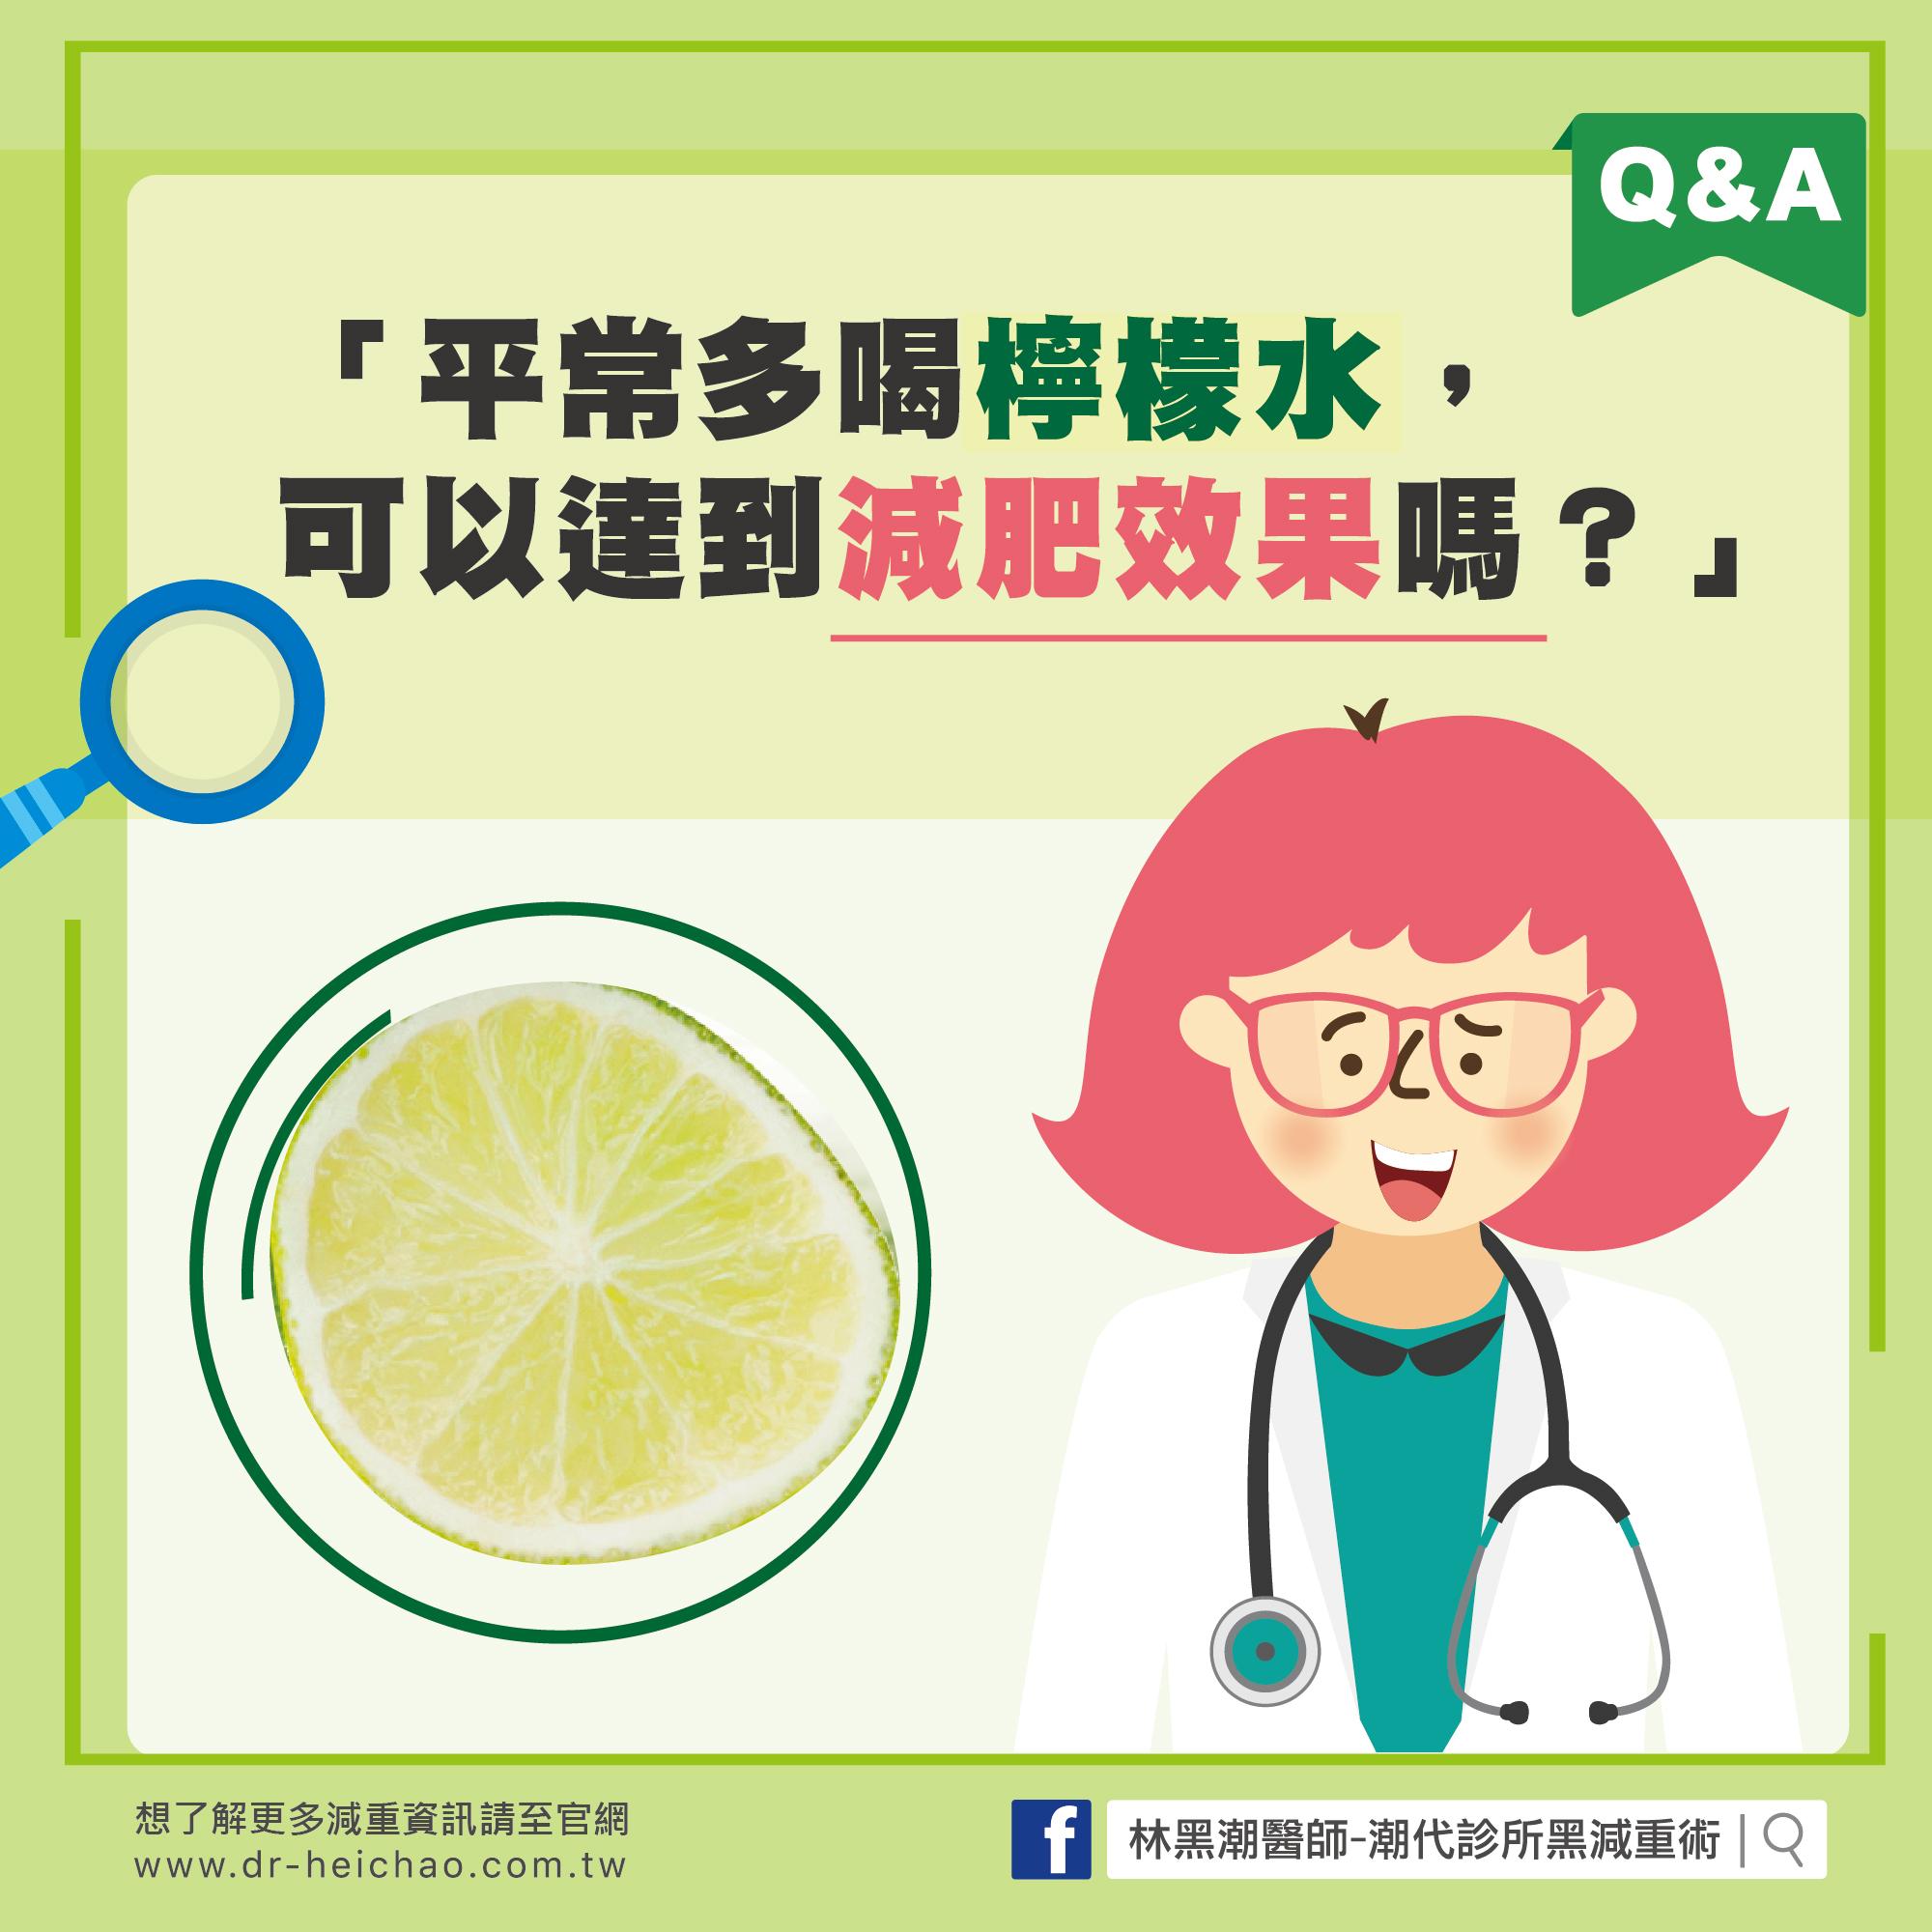 有人問:「平常多喝檸檬水,可以達到減肥效果嗎?」